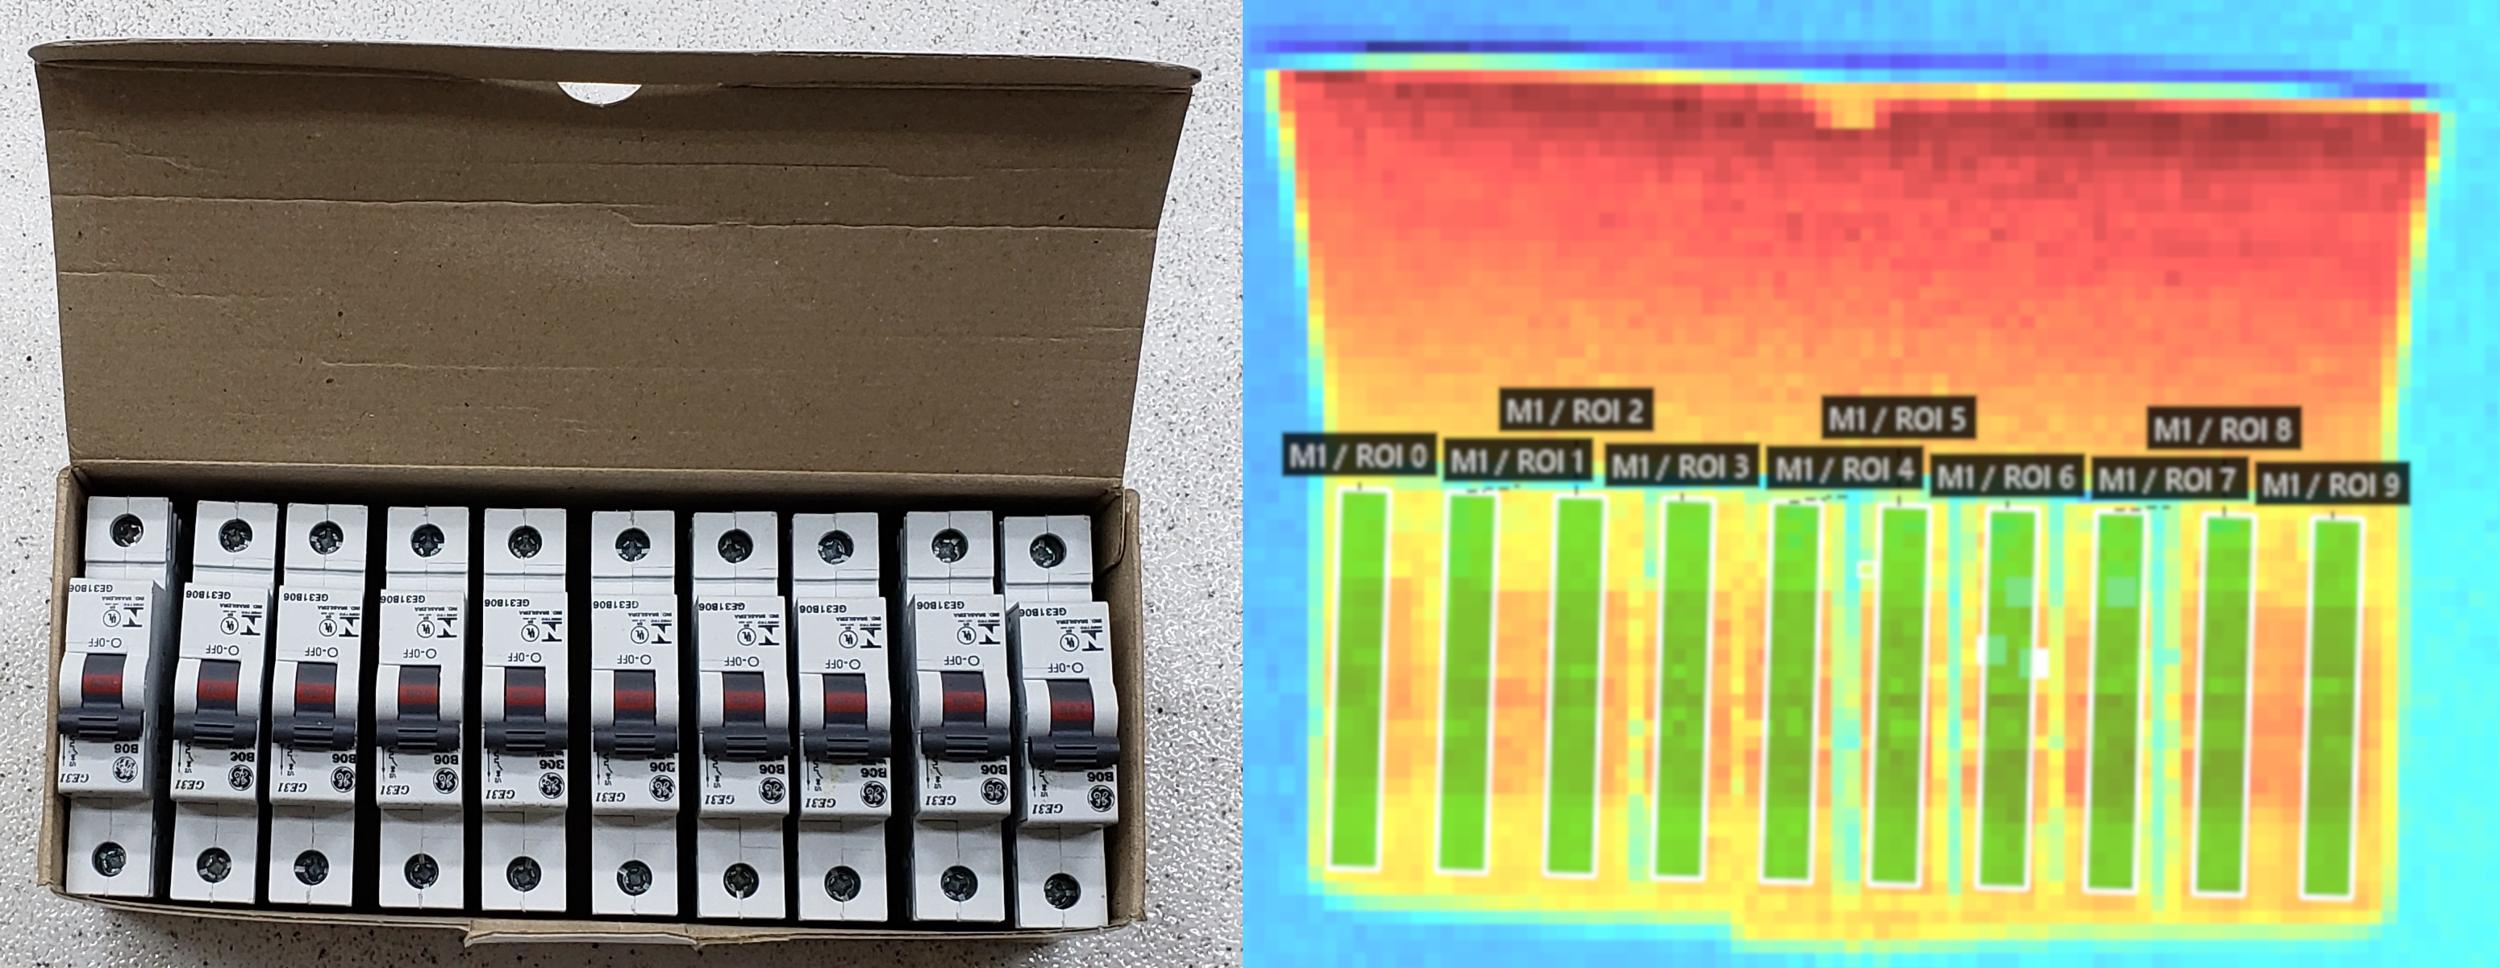 Visão Computacional - Detecção de embalagem  completa